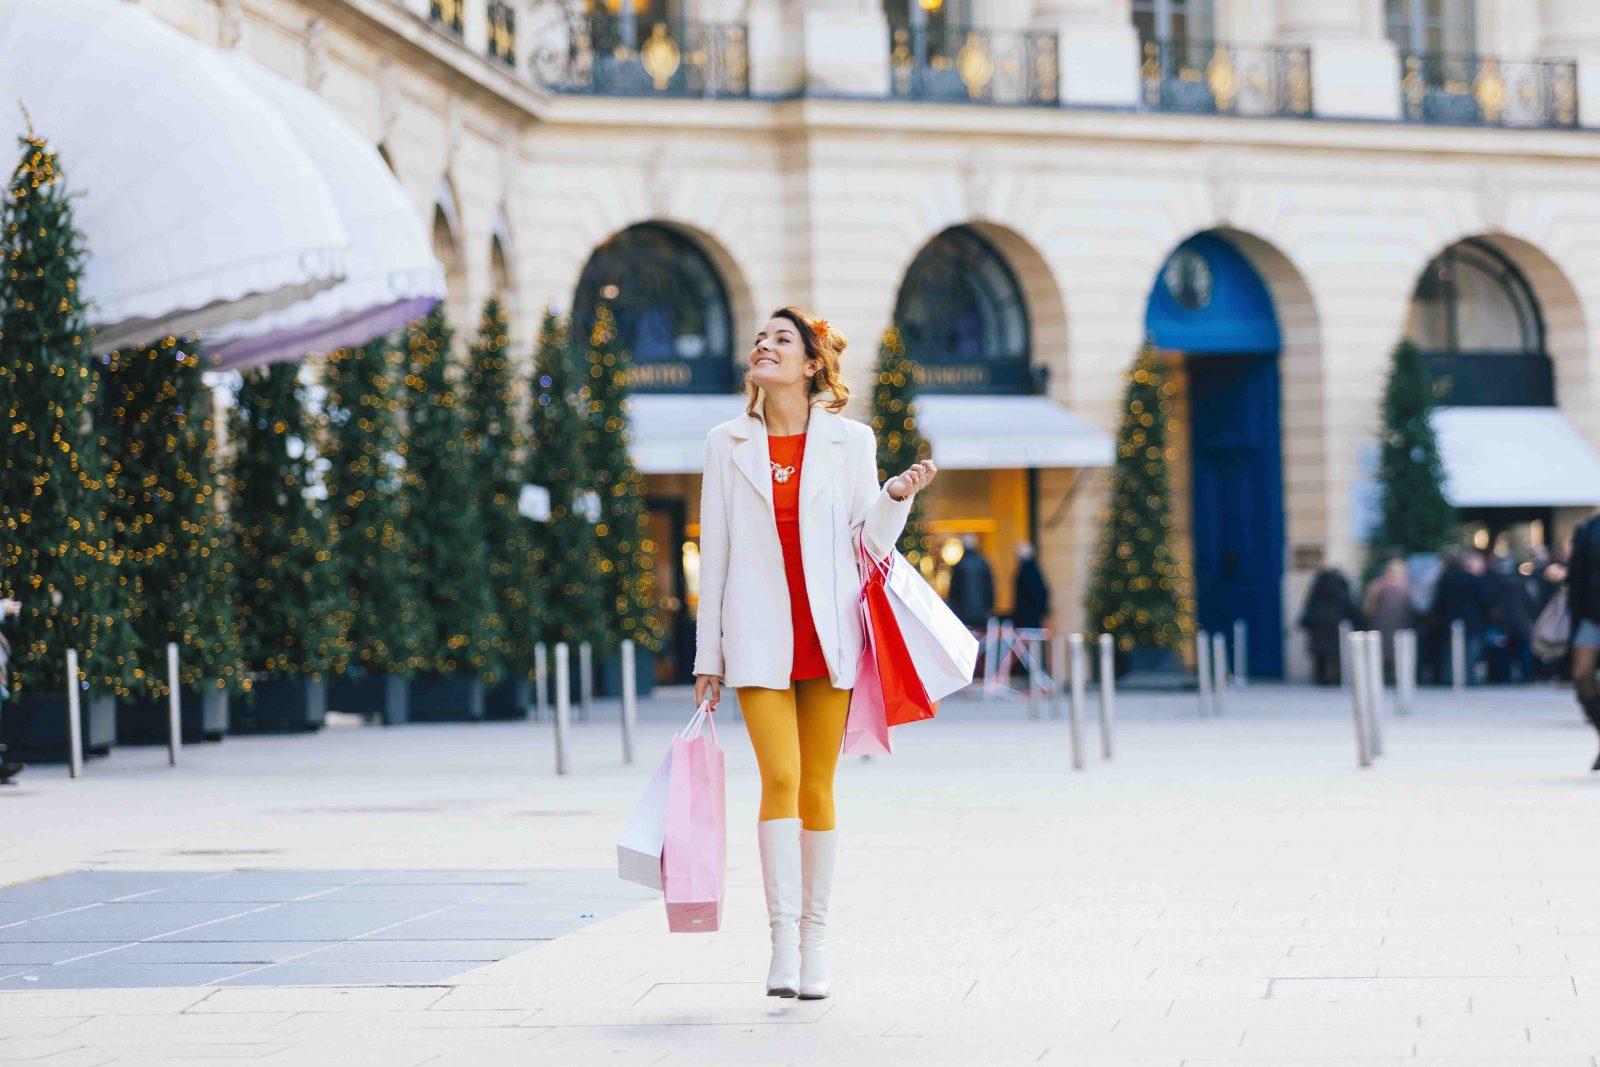 Accompagnement dans les plus grandes maisons de mode